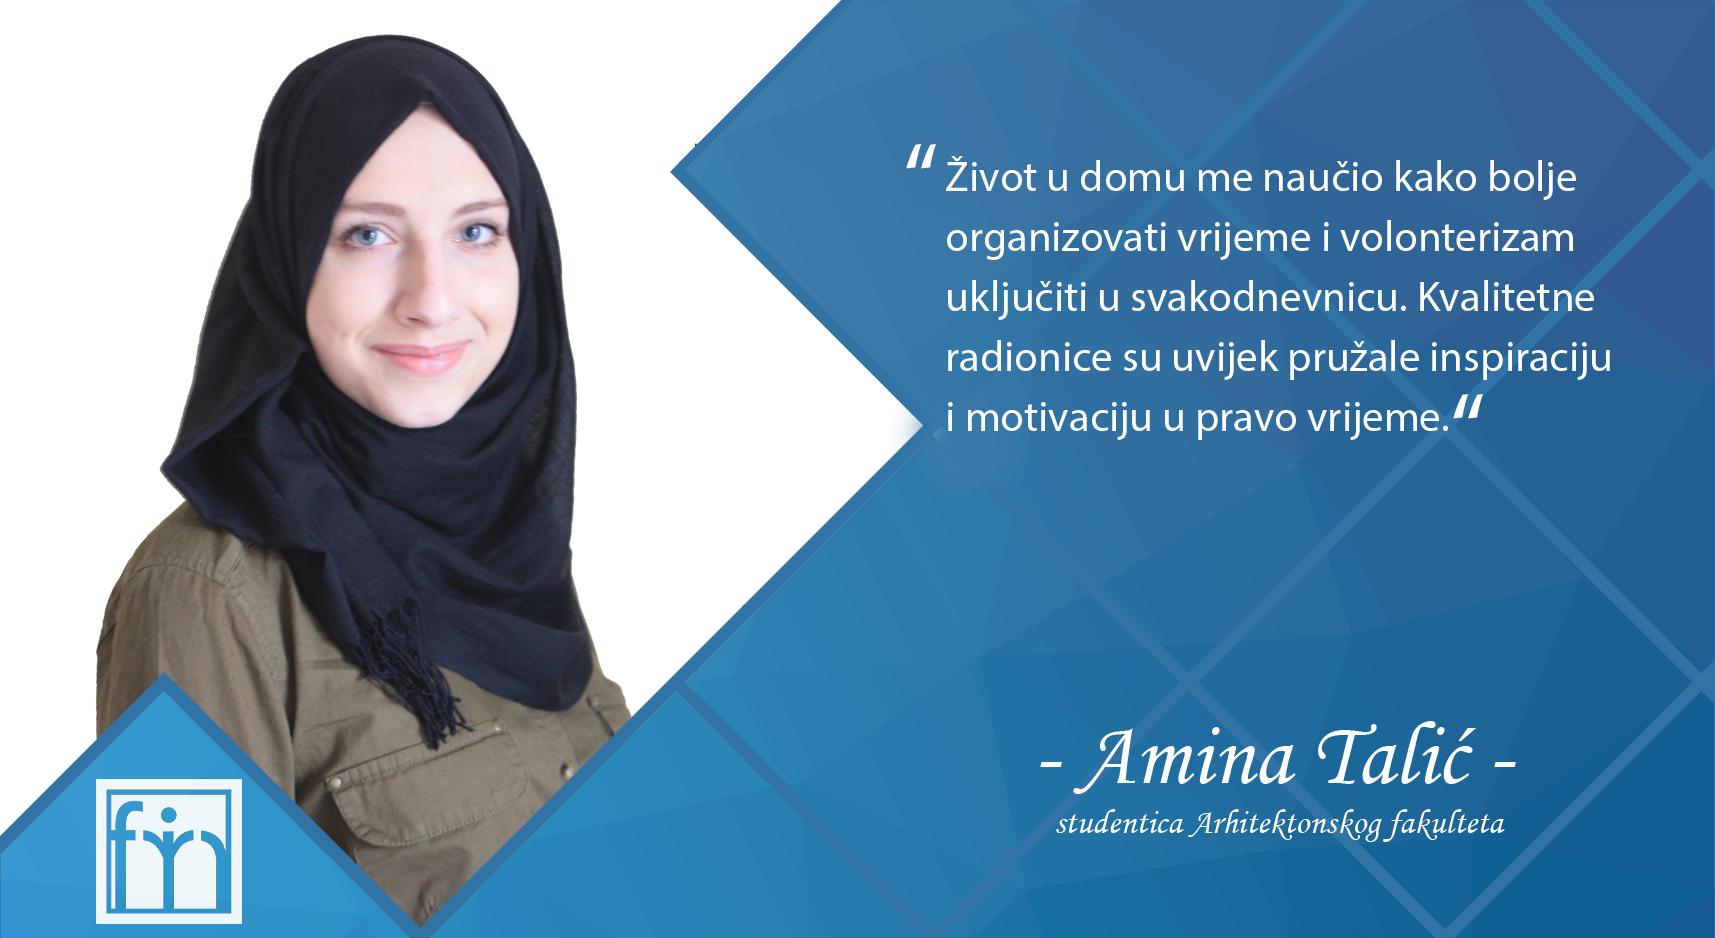 Amina_Talic_Izvor_nade